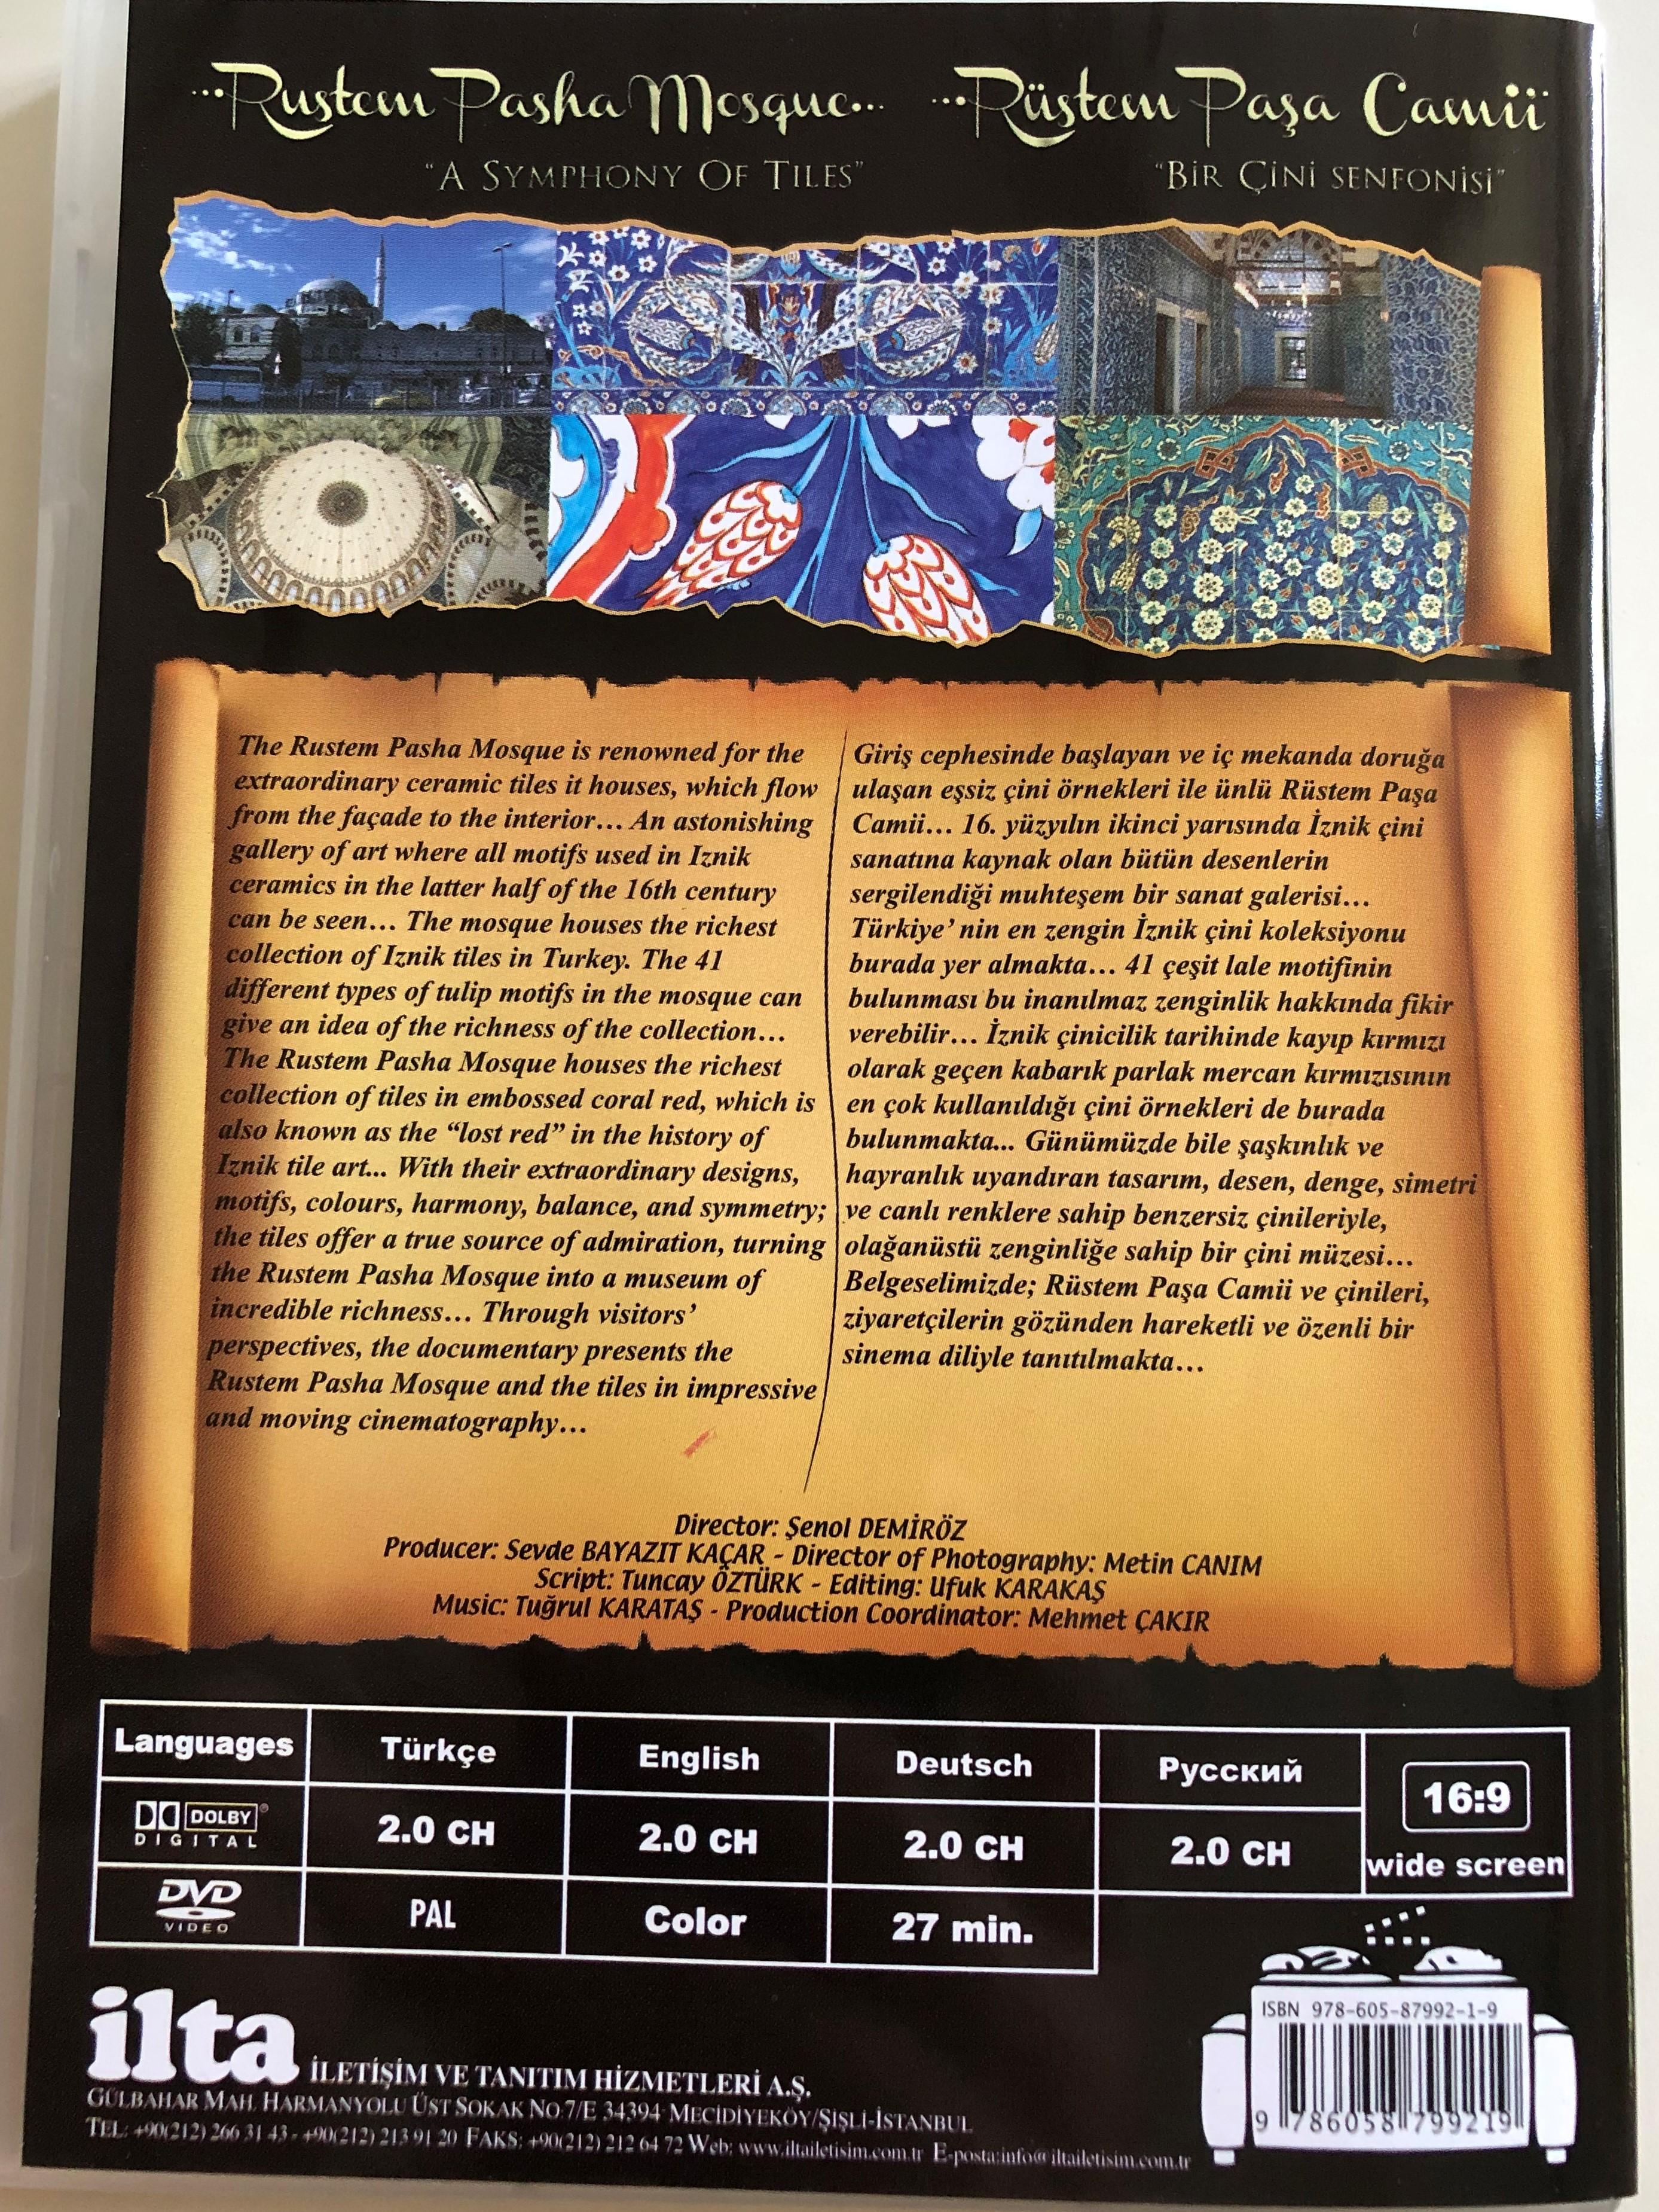 rustem-pasha-mosque-a-symphony-of-tiles-dvd-rustem-pasa-camii-directed-by-senol-demir-z-a-tour-of-the-mosque-bir-cini-senfonisi-2-.jpg